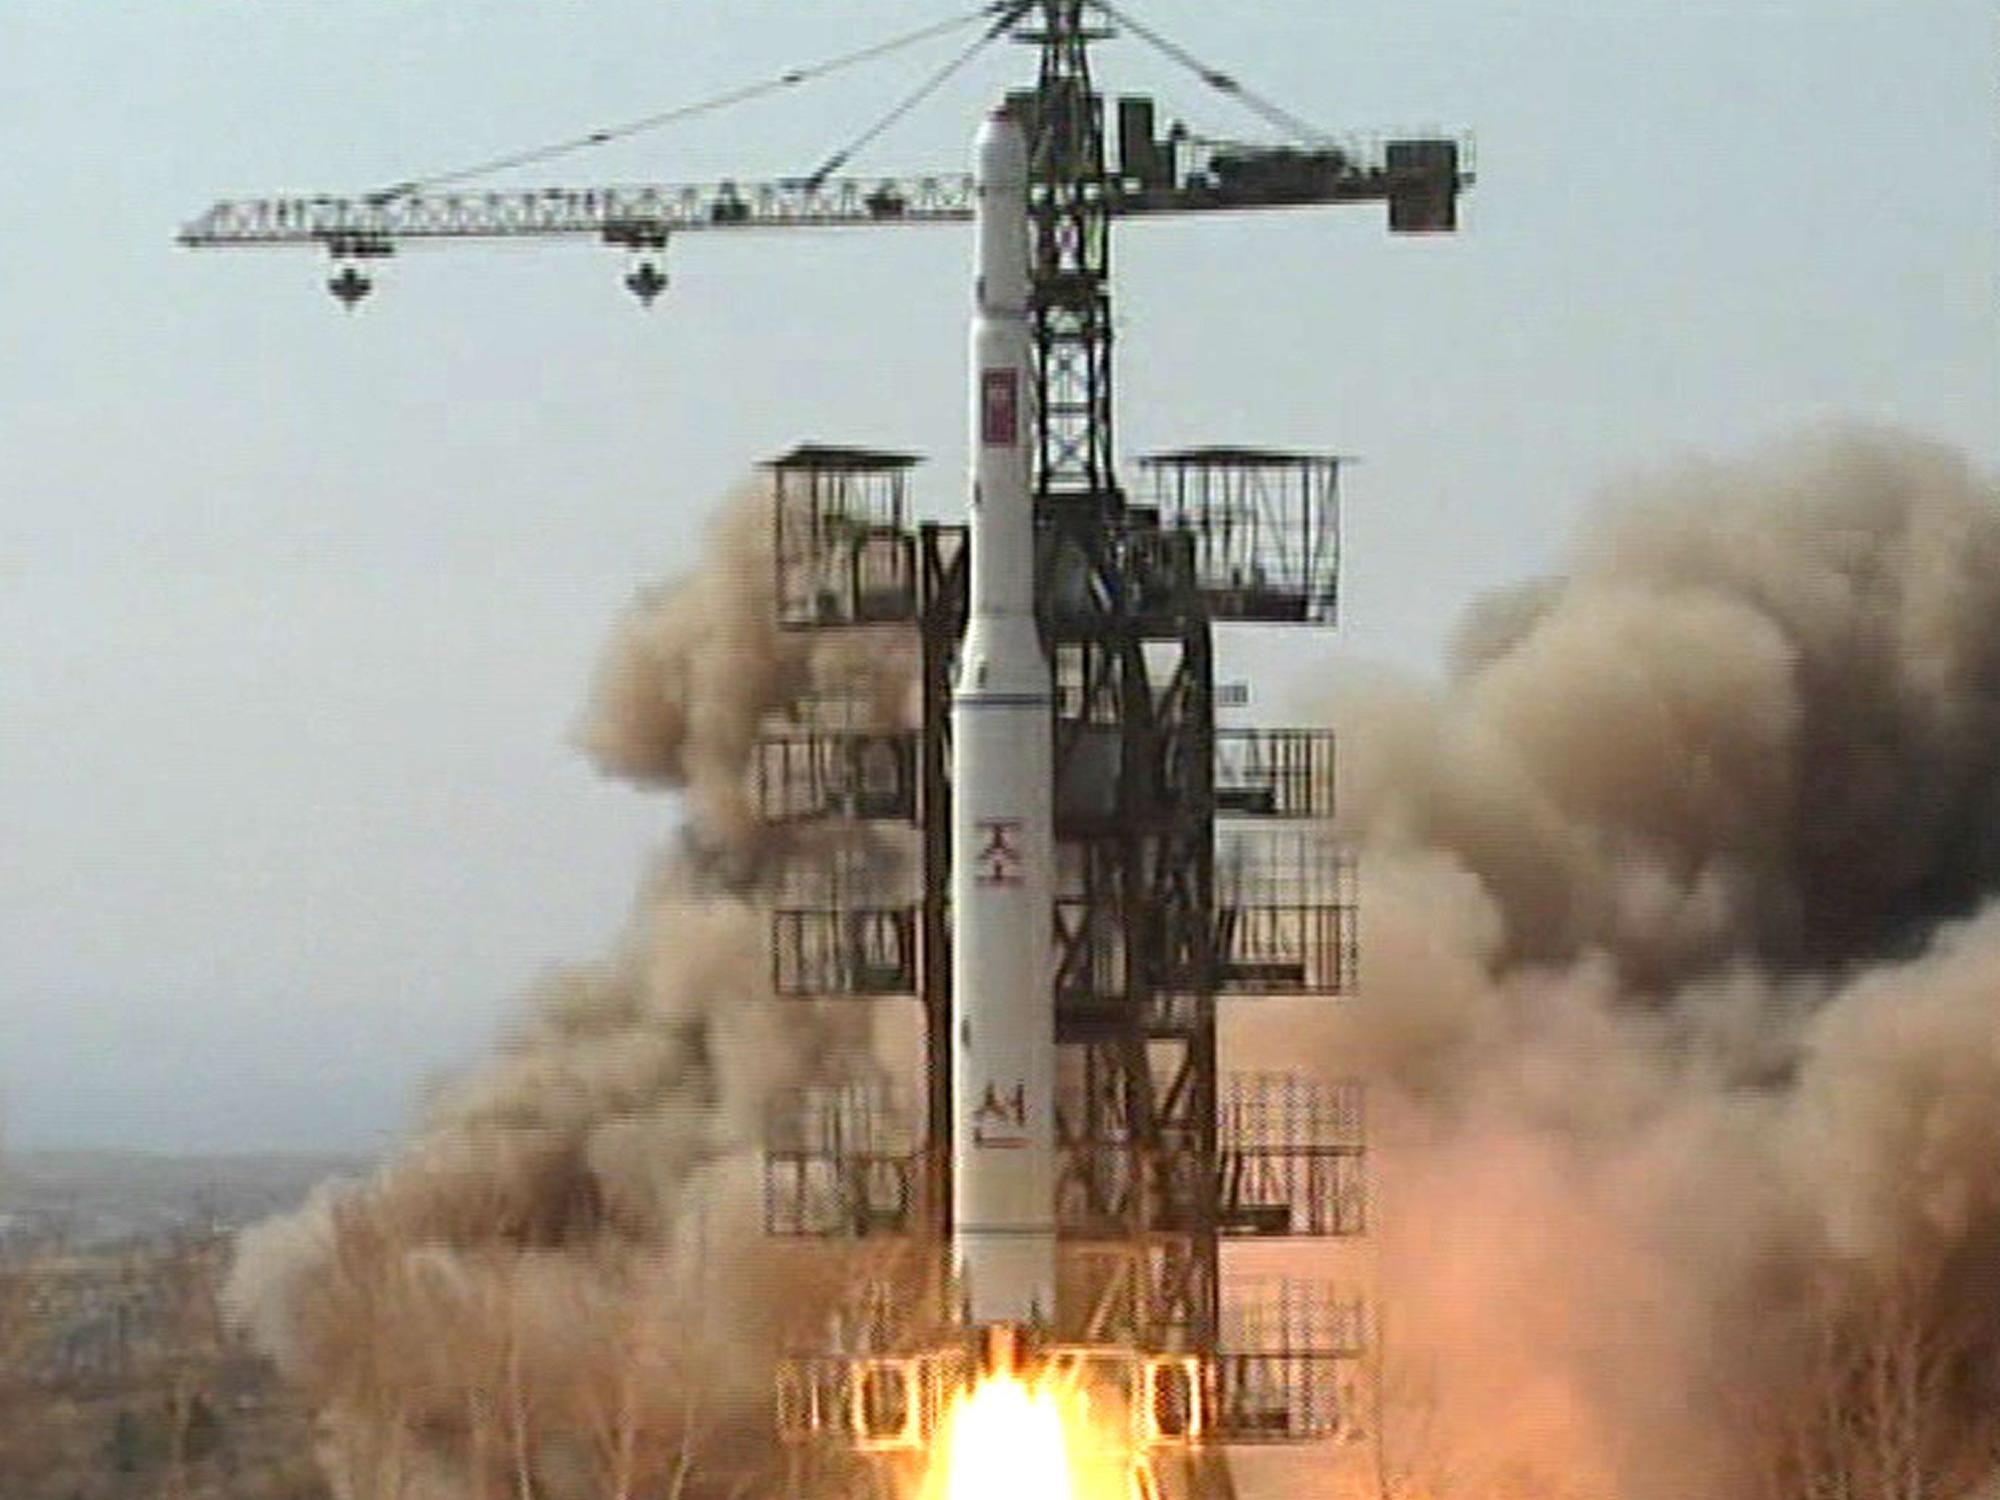 Iran/Nordkorea: Offenbar bilaterale Zusammenarbeit in Raketen- und Atomtechnik verstärkt.